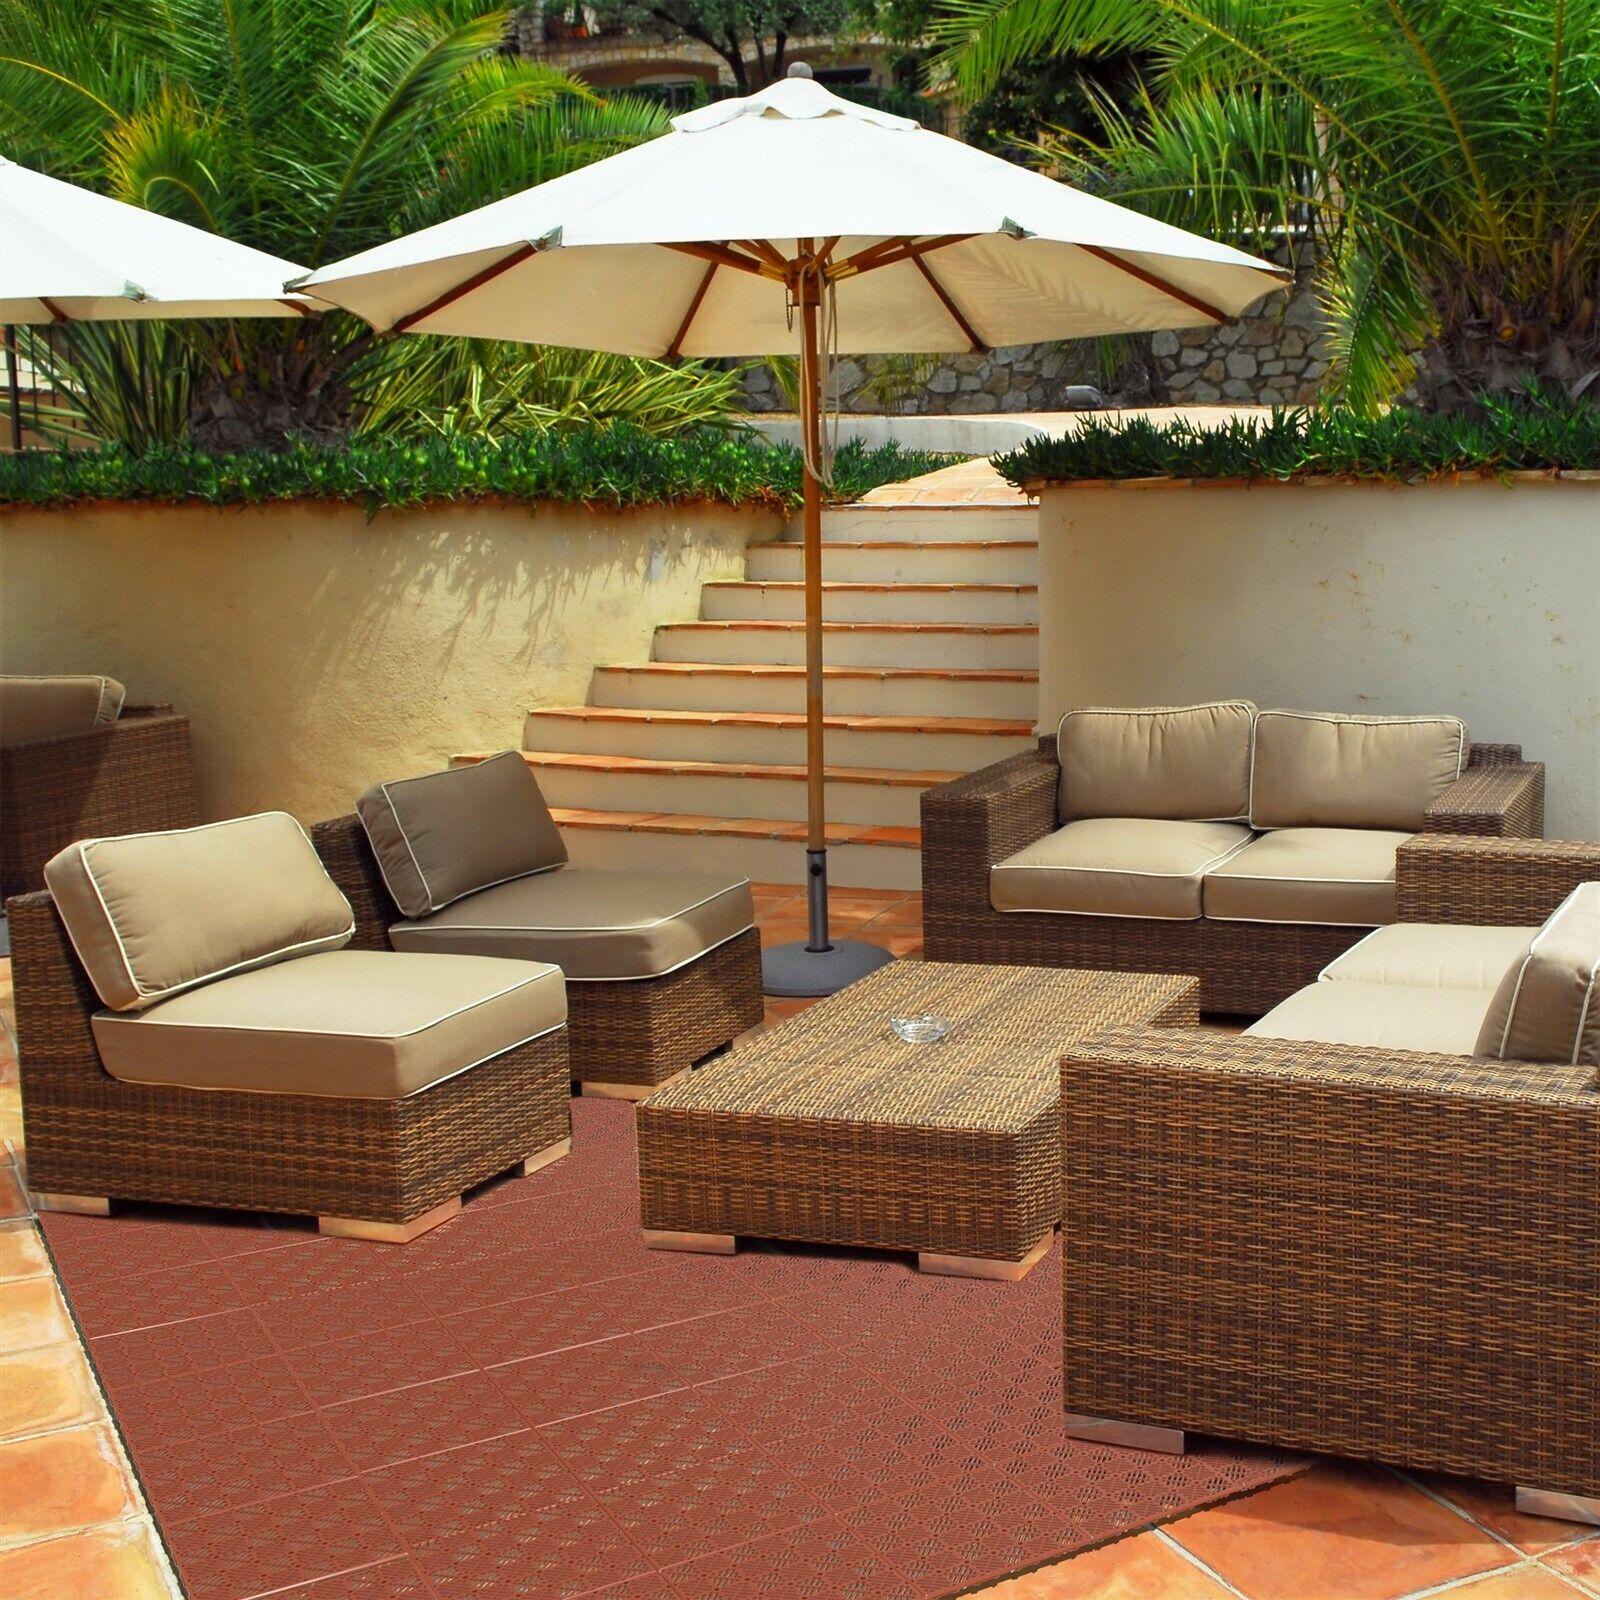 Outdoor Patio Interlocking Floor Tiles